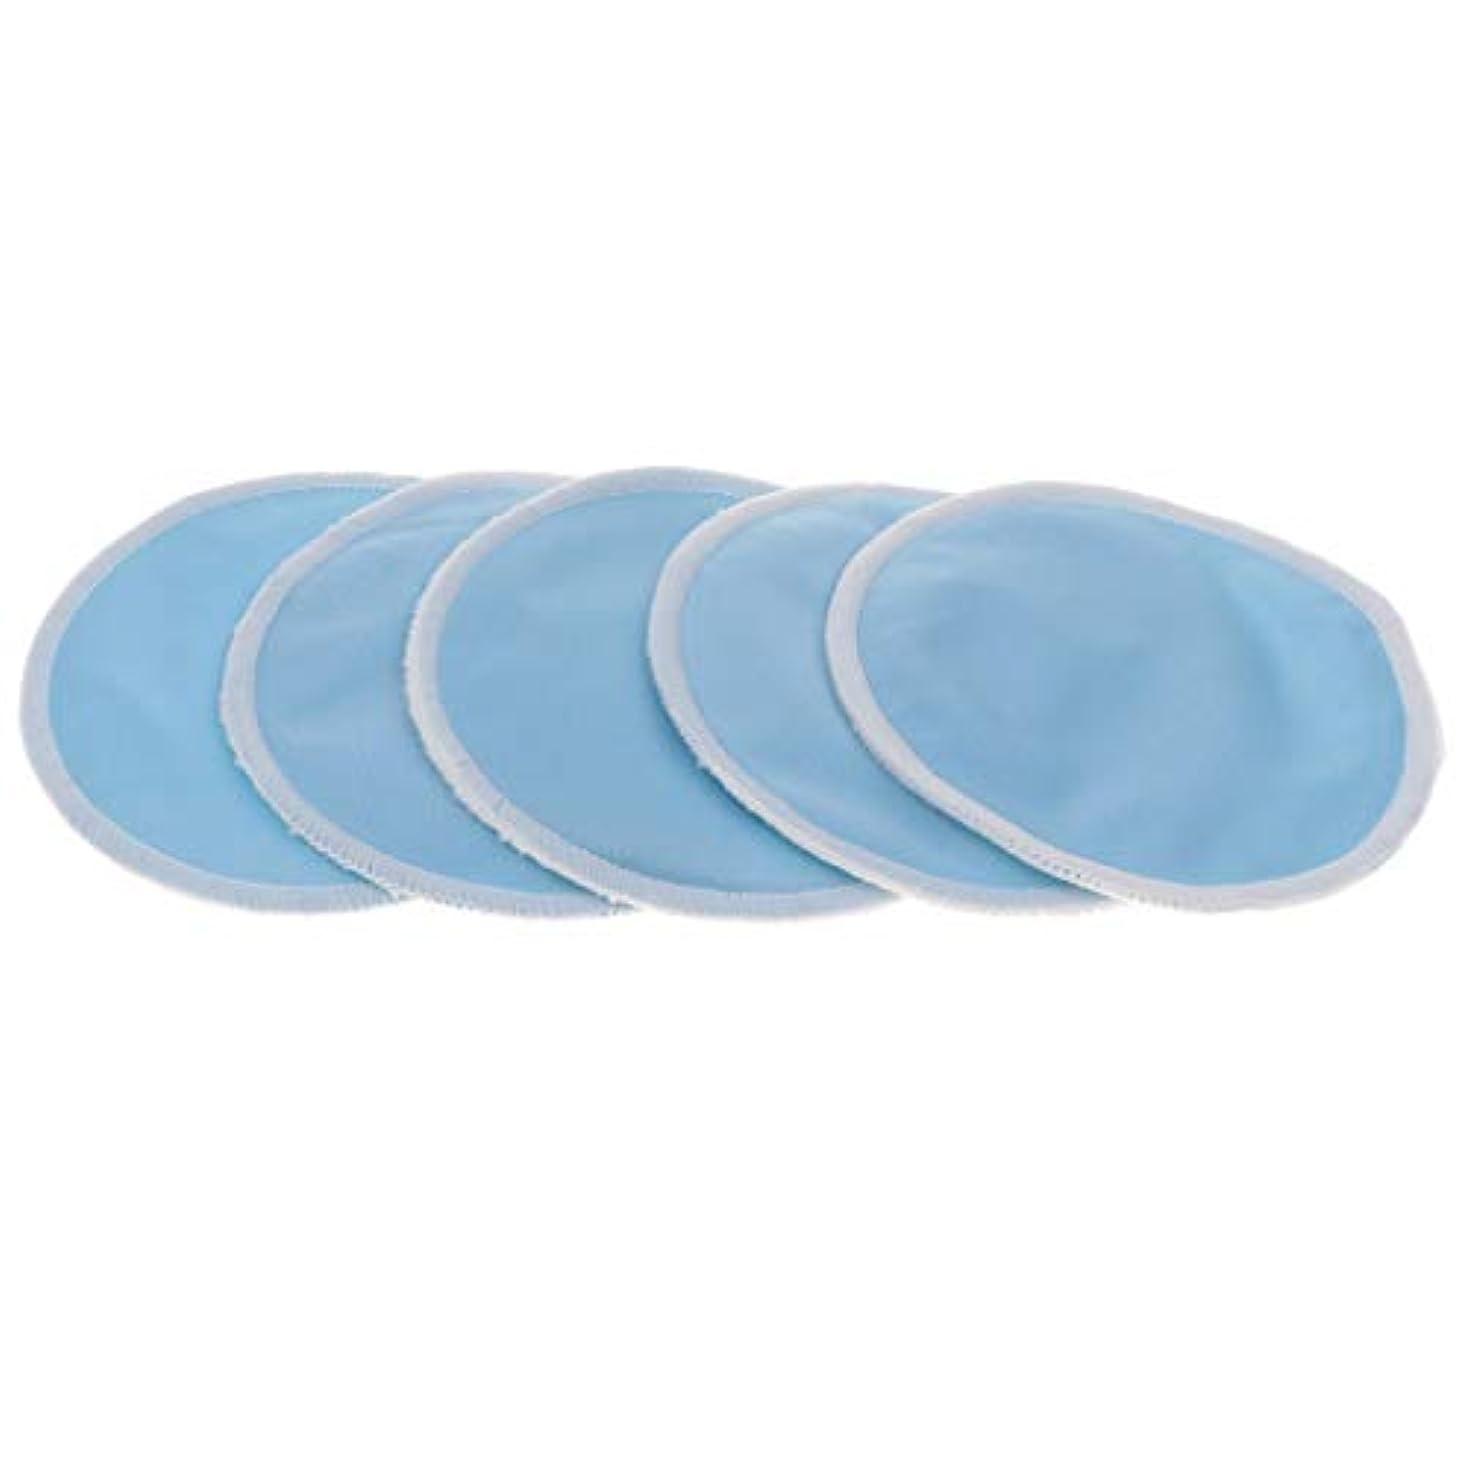 神の叙情的な増幅dailymall 5パック洗える再利用可能な化粧品クレンジングパッドフェイスケア洗浄胸パッド - 青